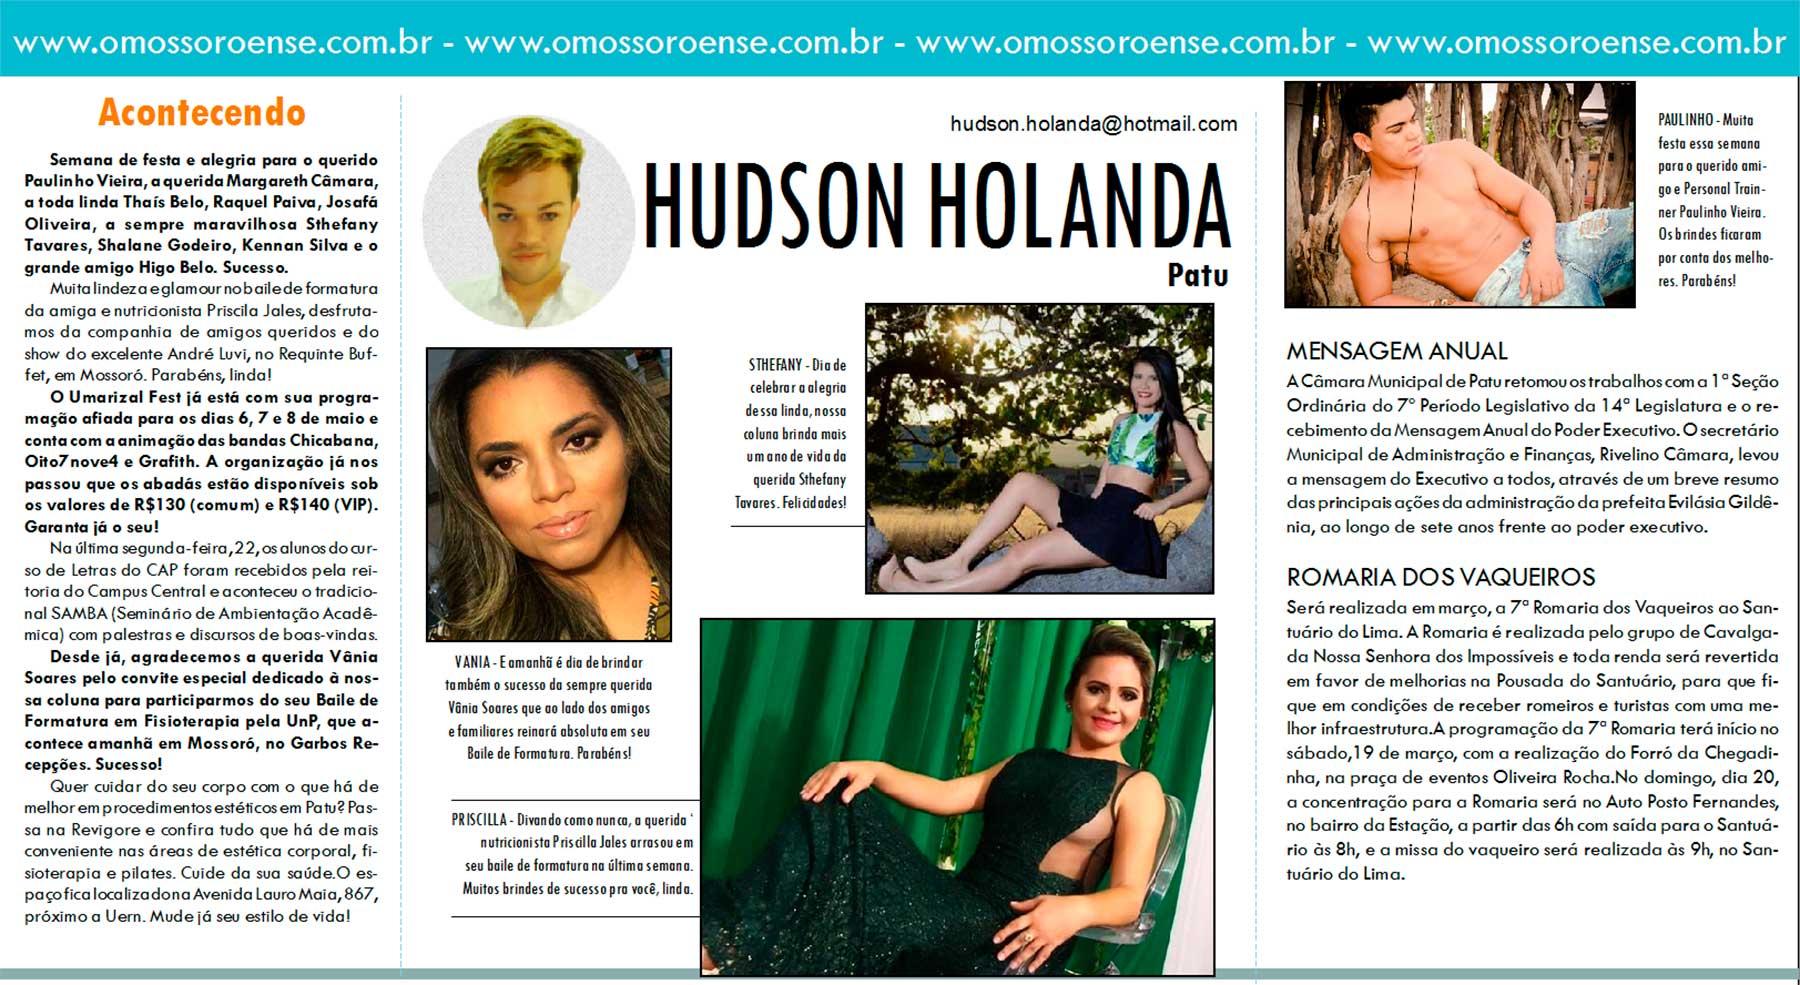 HUDSON-HOLANDA-25-02-16